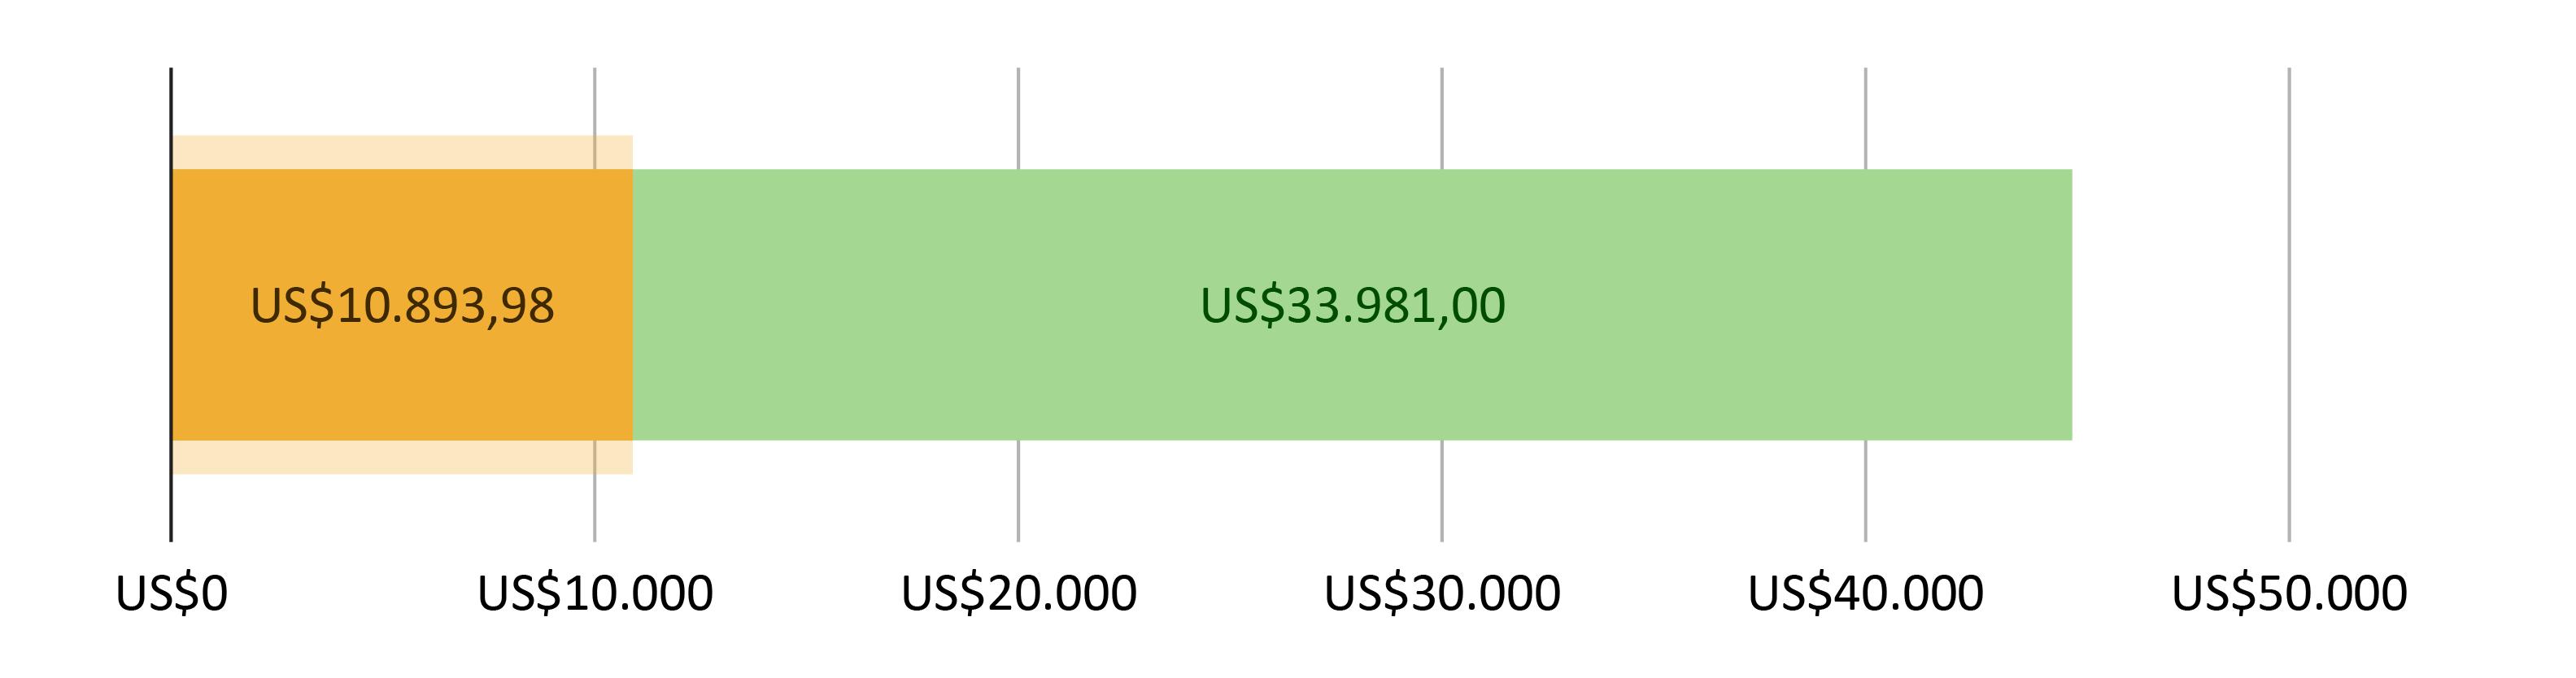 Menggunakan US$10,893.98; tersisa US$33,981.00